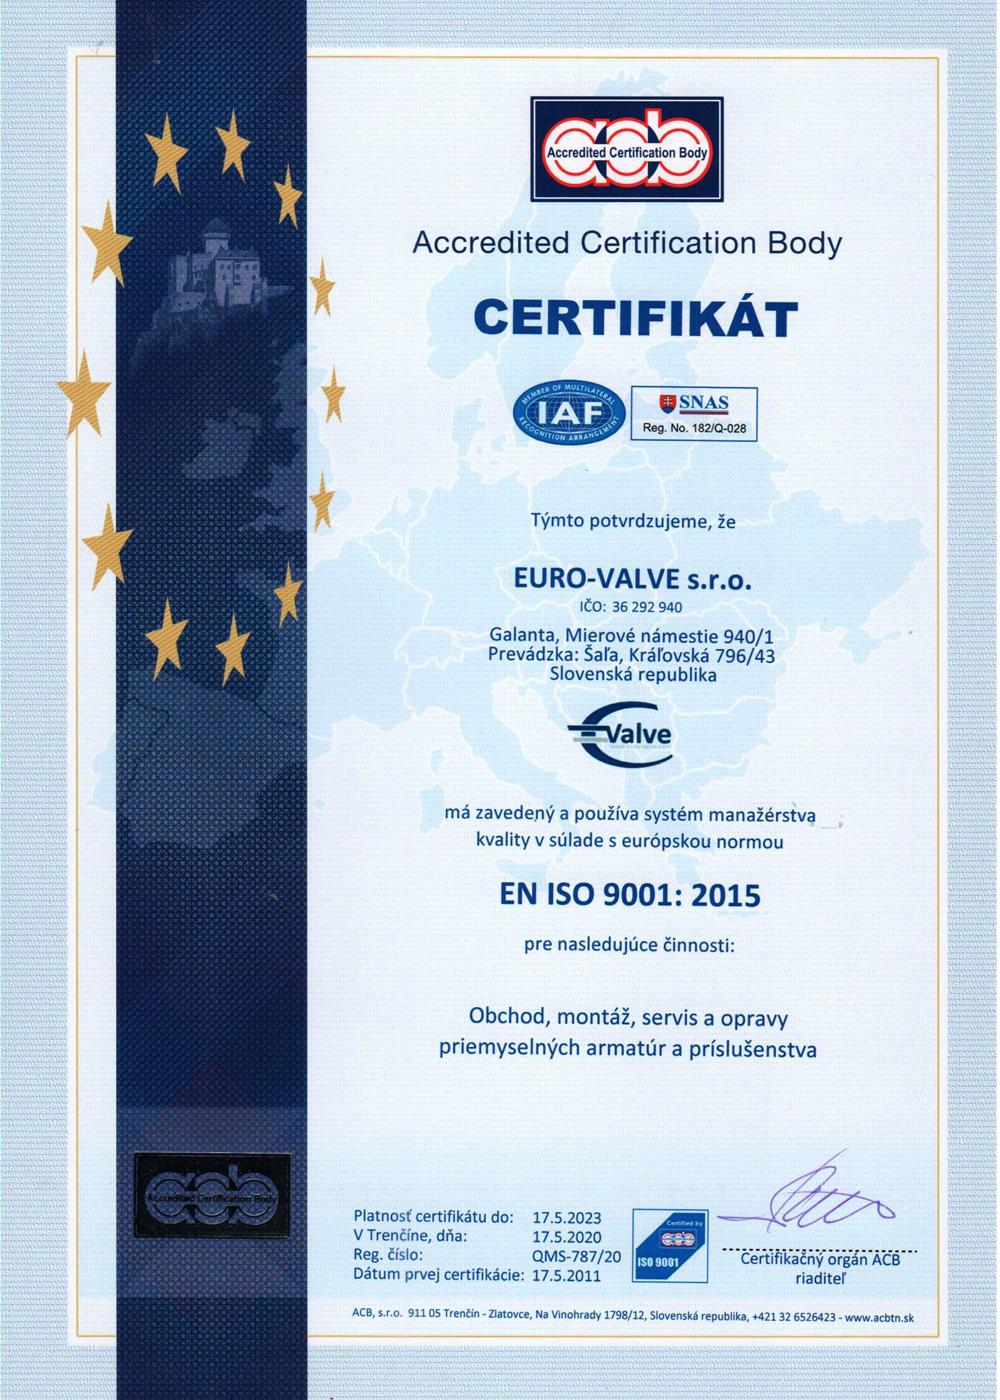 certifikát EURO-VALVE s.r.o.